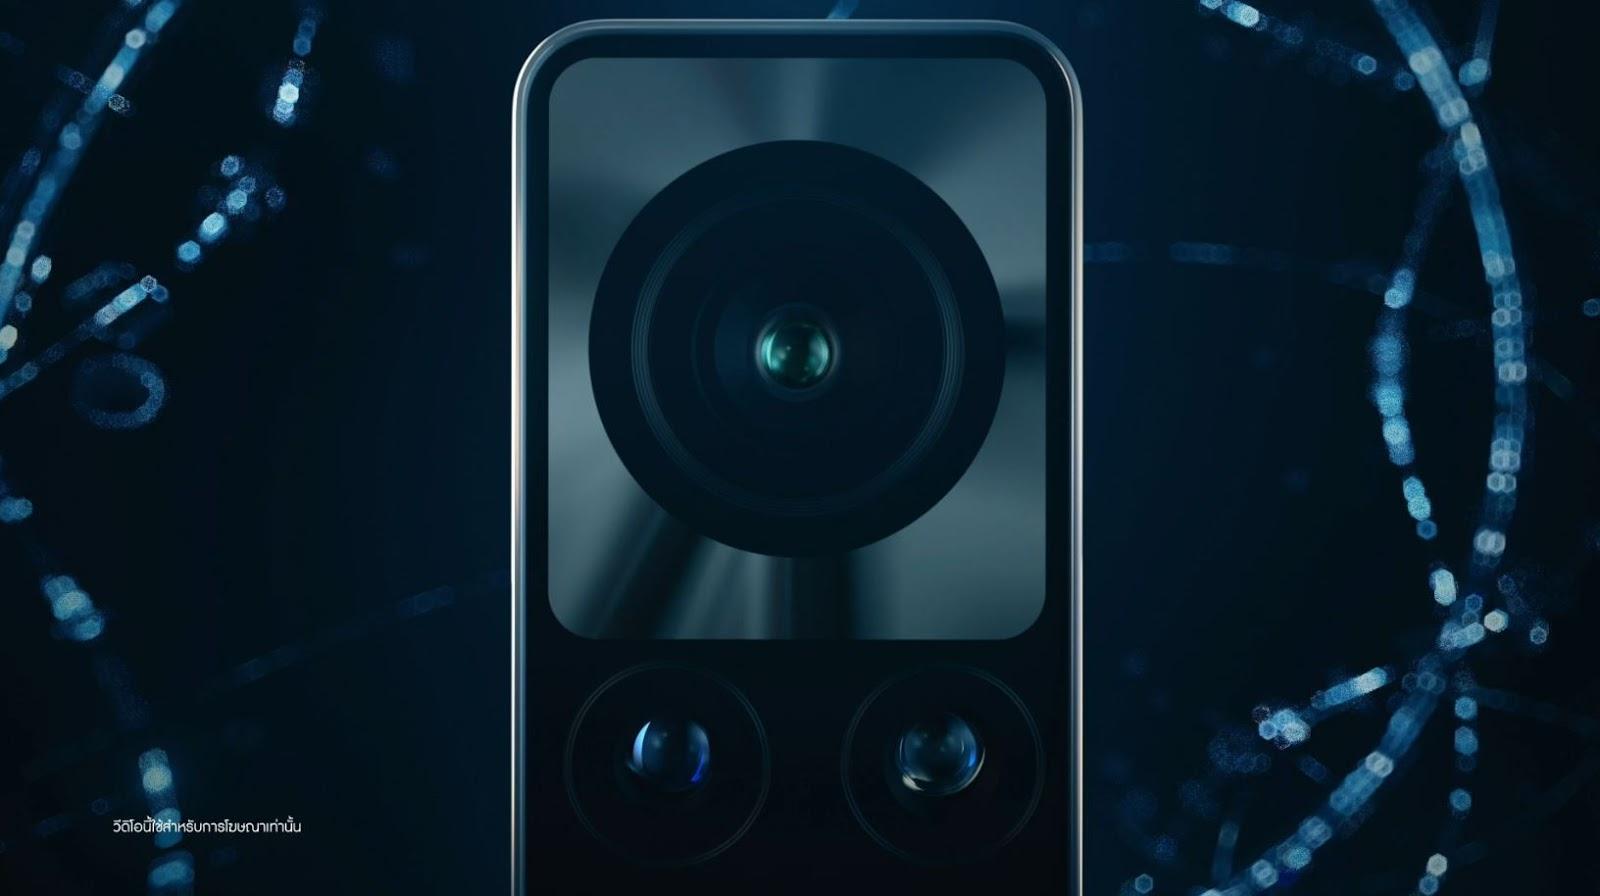 สายถ่ายภาพเตรียมเฮ! Vivo X60 Pro 5G สมาร์ตโฟน Vivo รุ่นแรกพร้อมเลนส์ ZEISS เตรียมลงตลาดประเทศไทย